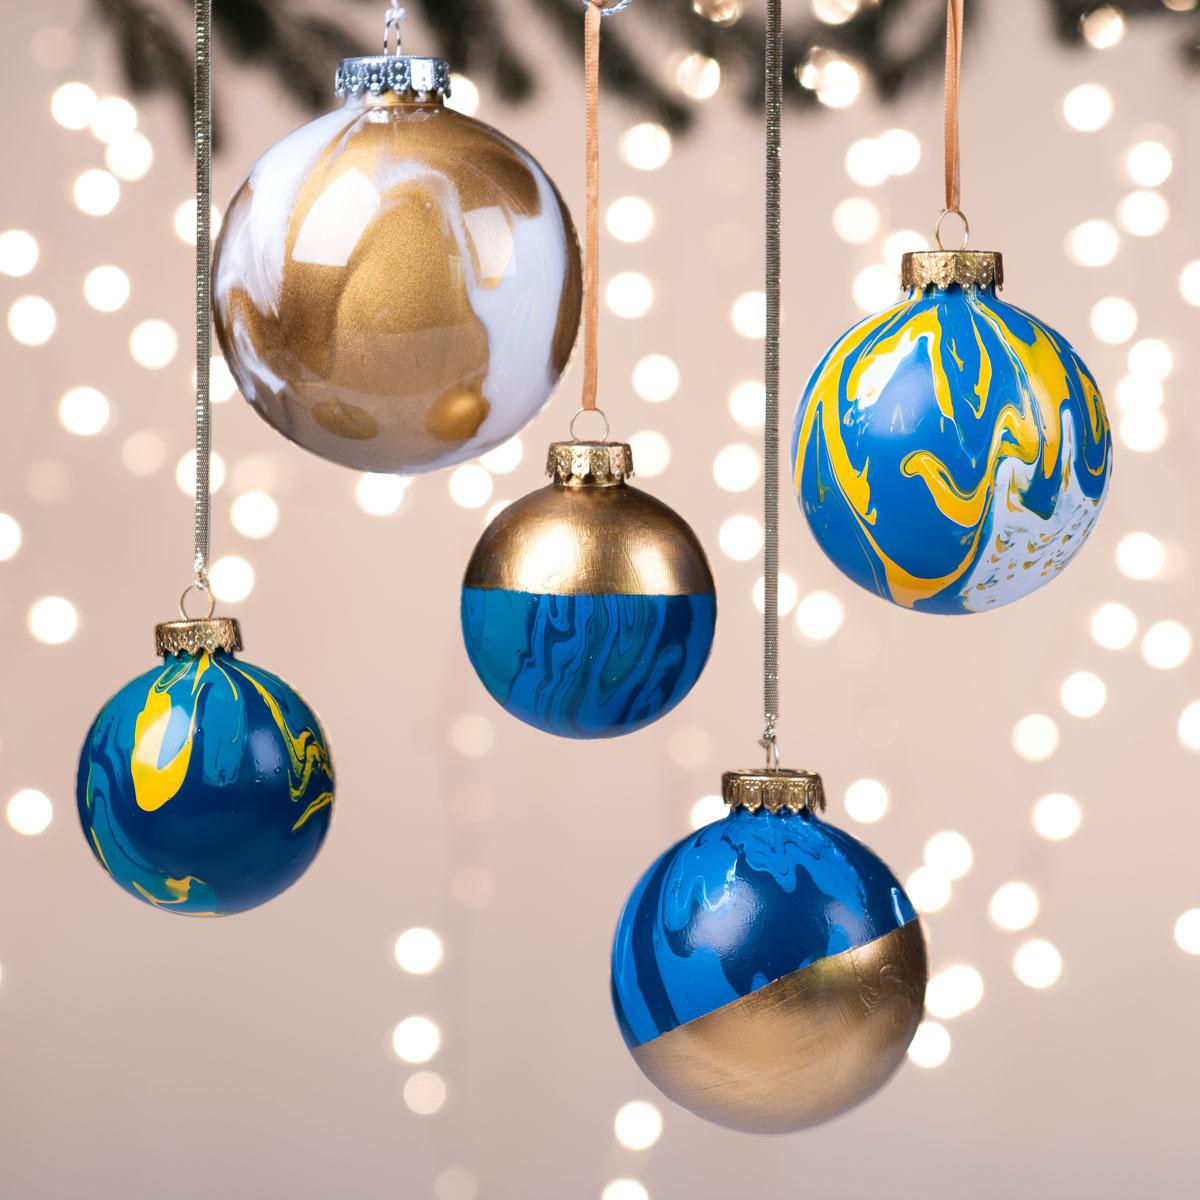 Blue Poured Ornaments